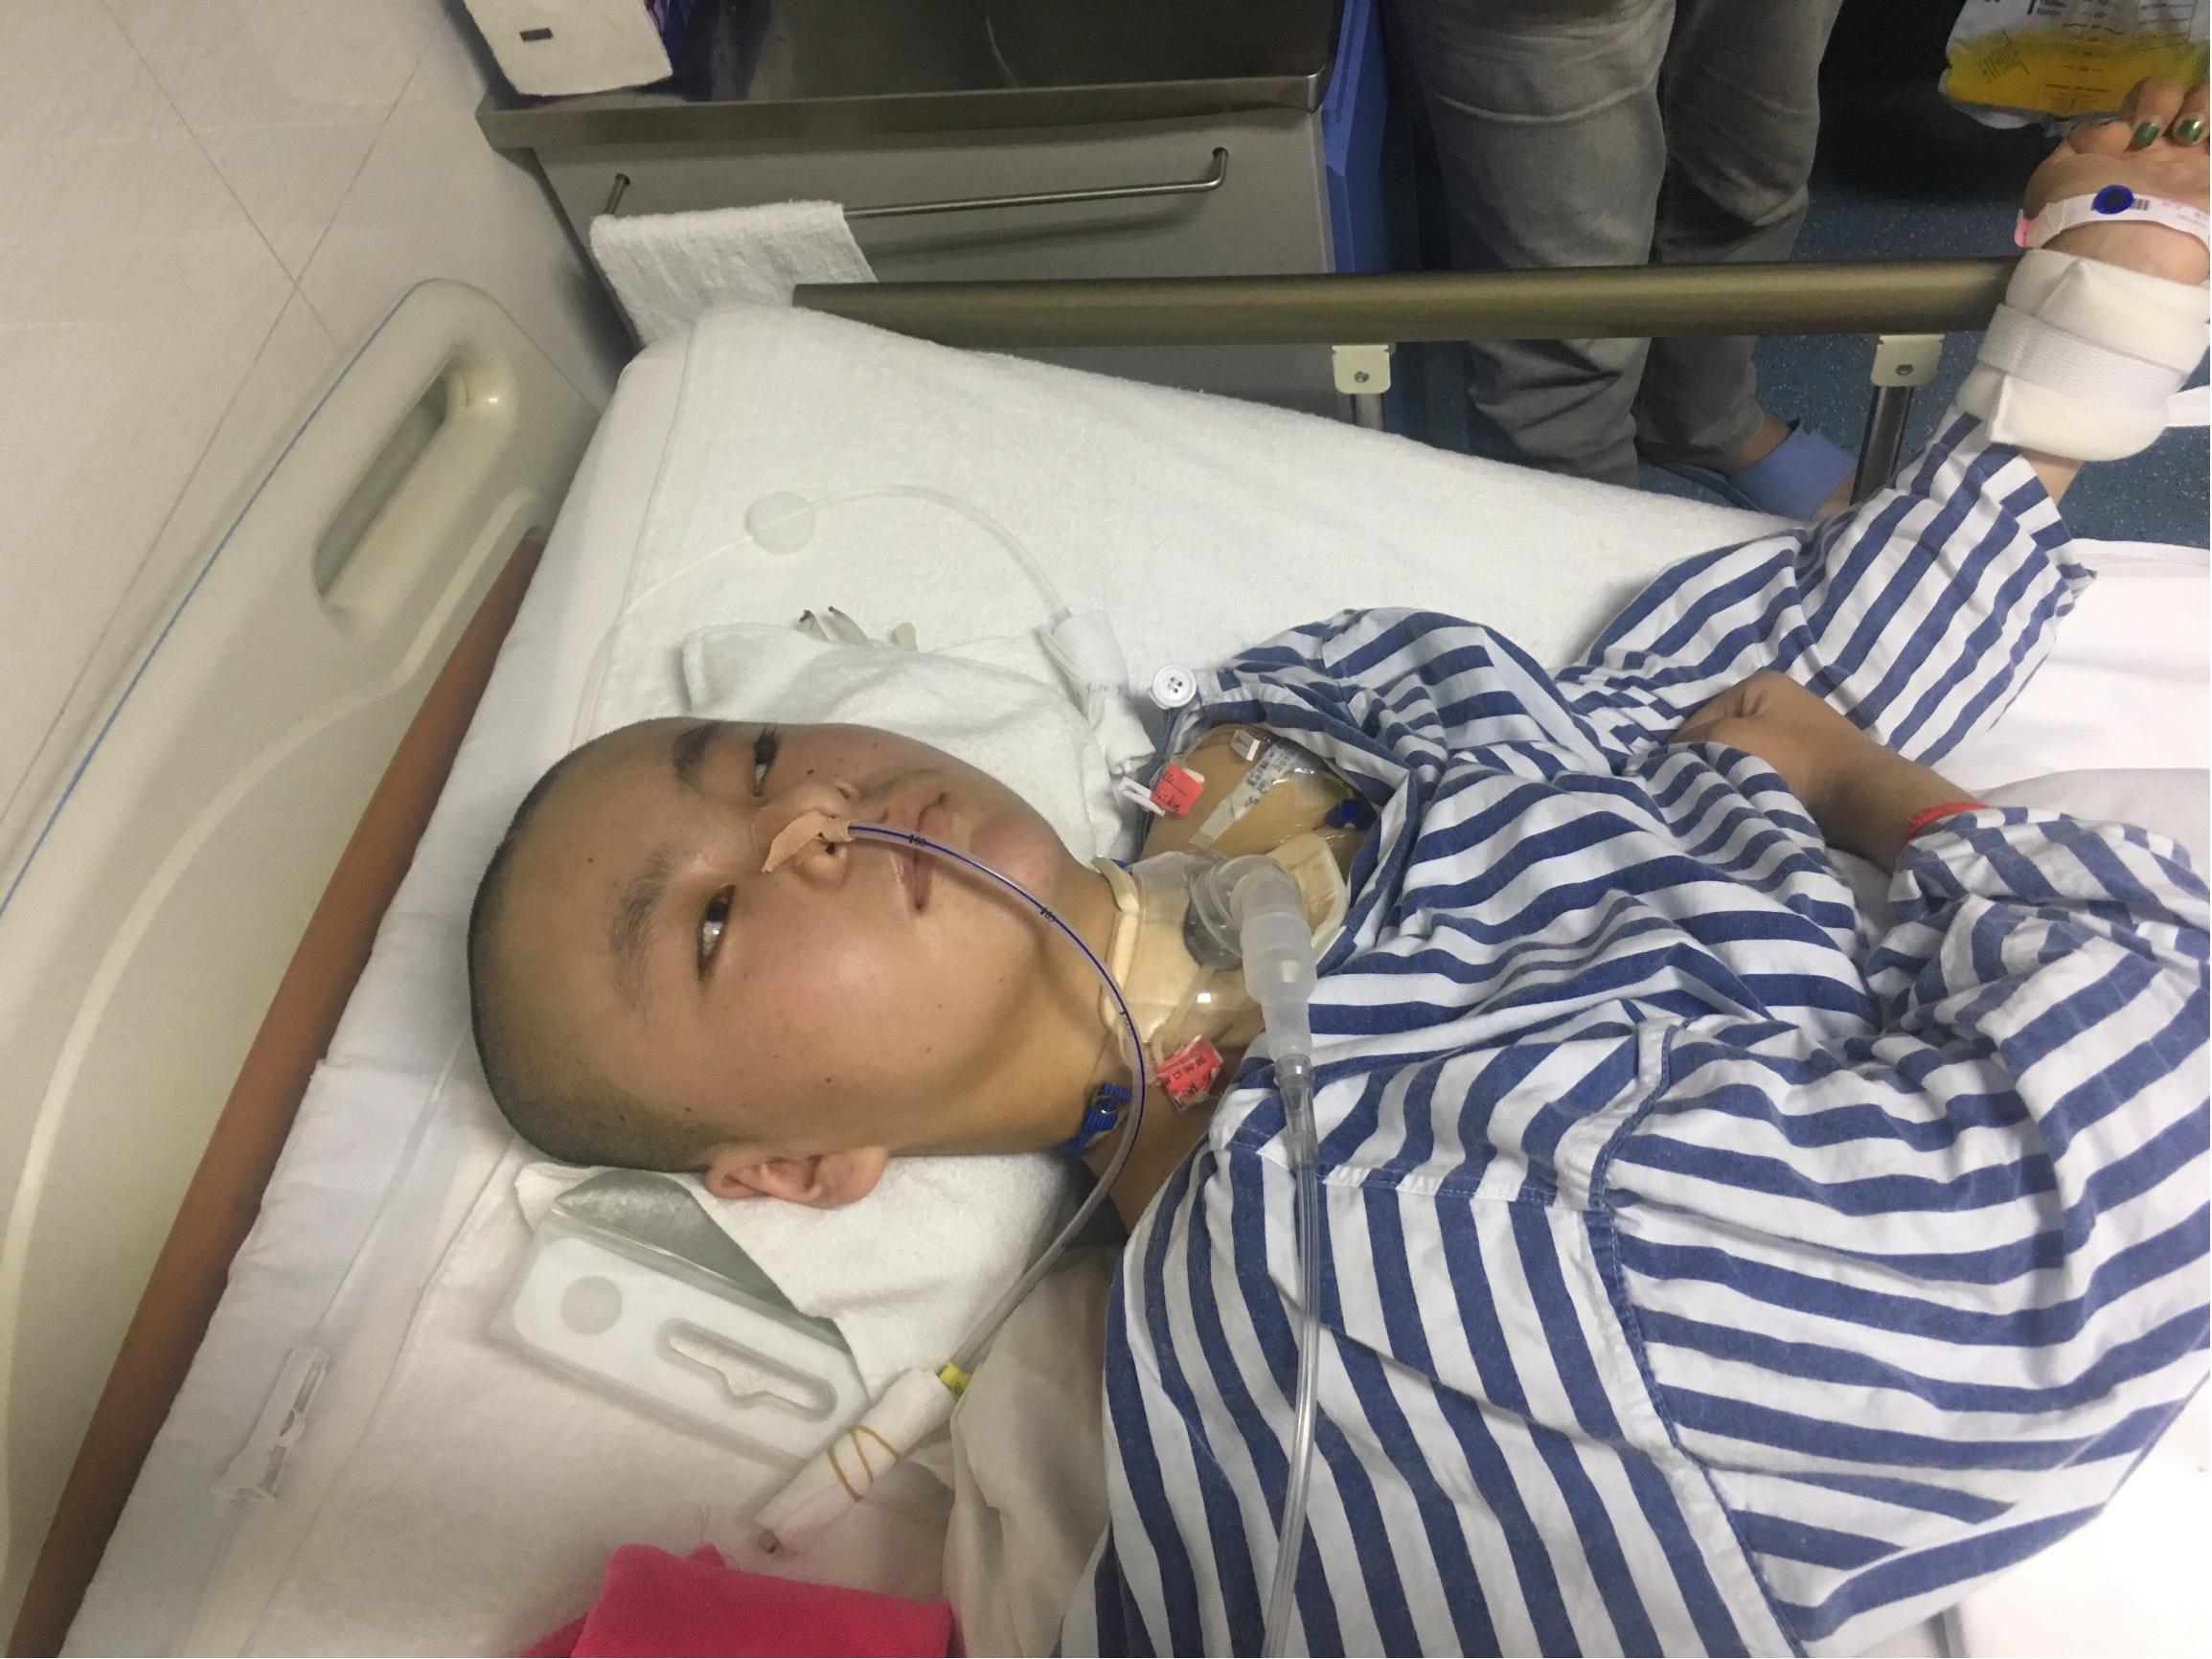 我的女儿叫安慧,今年18岁,不想被无情的车祸夺取她_证明材料